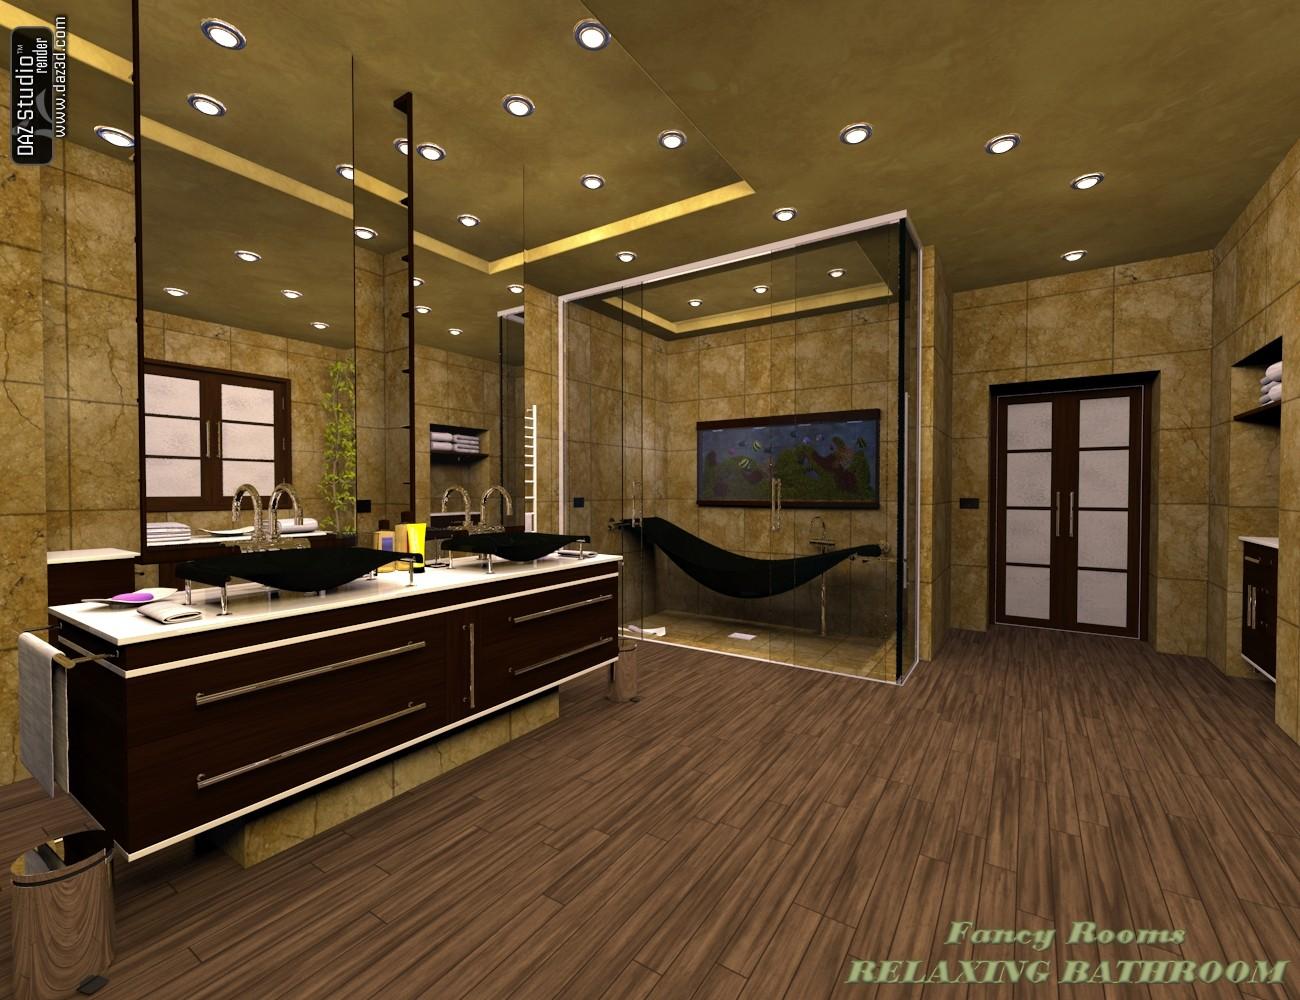 Download Daz Studio 3 For Free Daz 3d Fancy Rooms